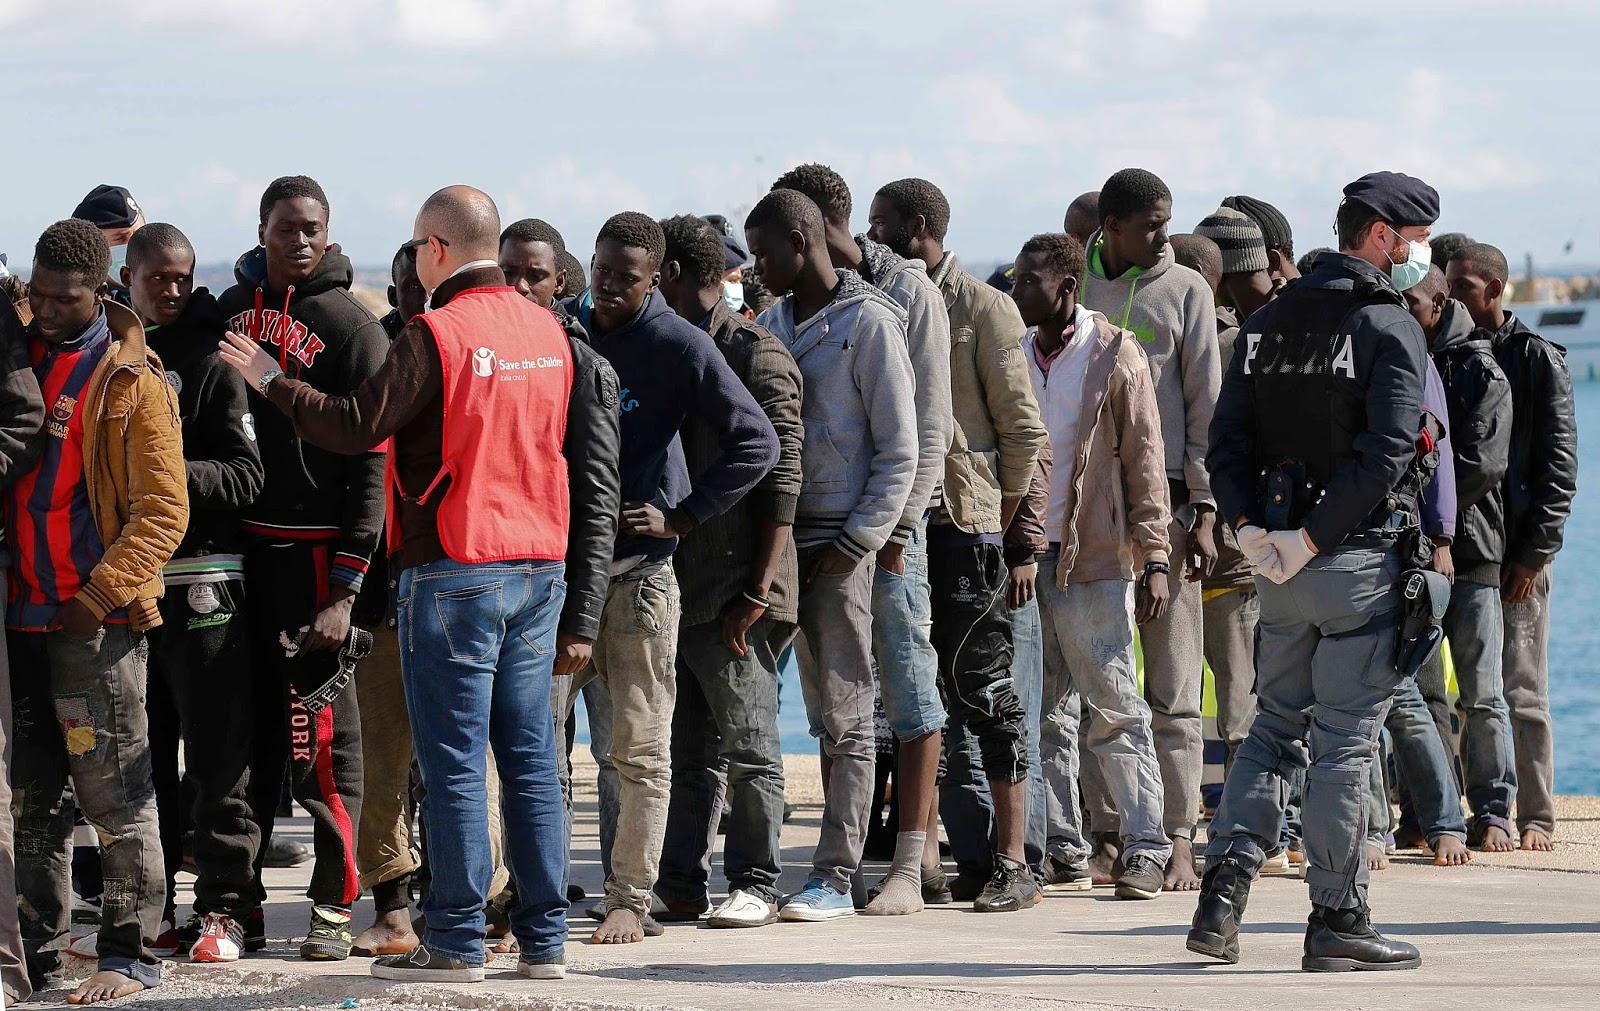 Emergenza Covid-19, Prefettura di Bari alla ricerca di strutture alberghiere per alloggiare i migranti, offerti 26,35 euro al giorno